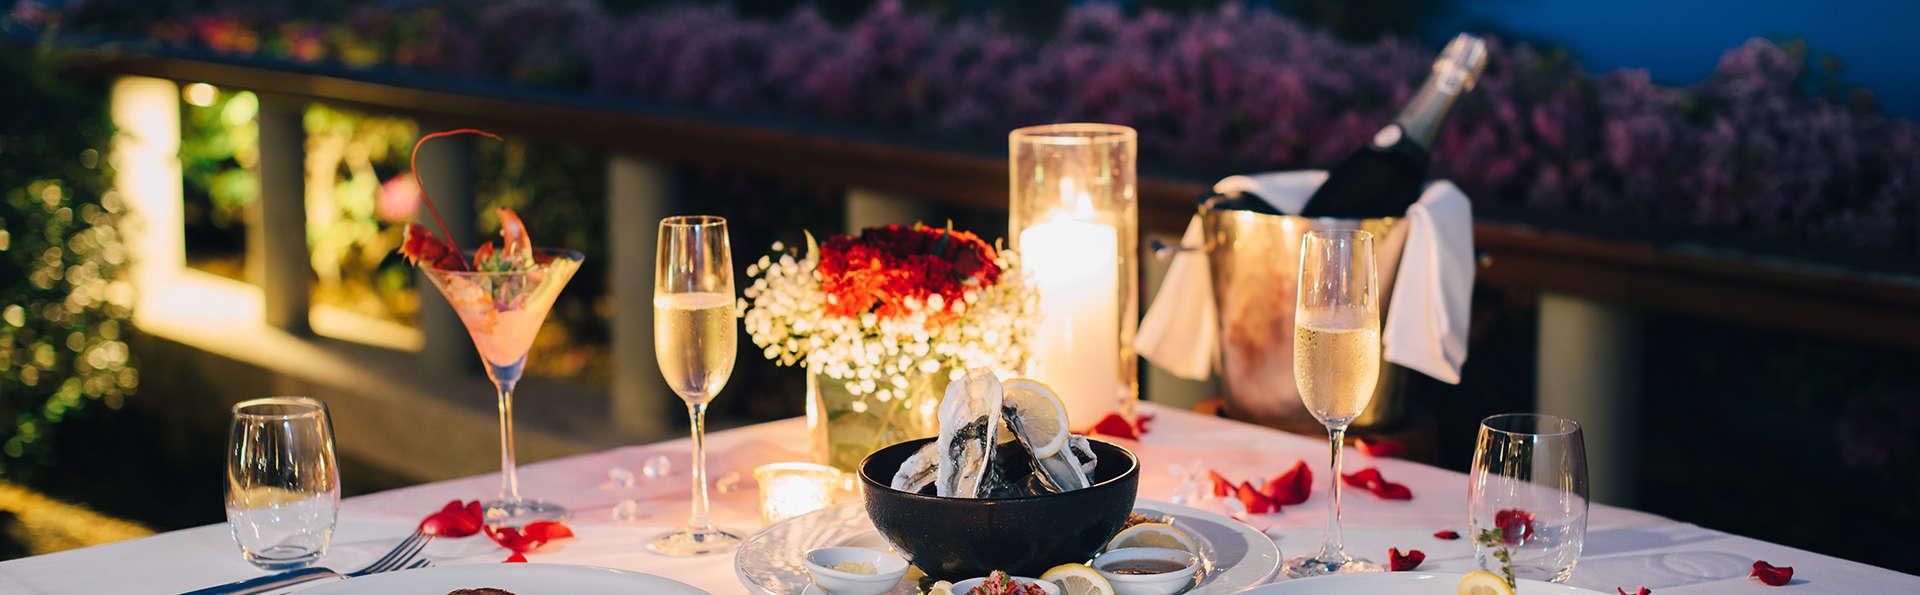 Dîner de la Saint Valentin et champagne au coeur du Luberon